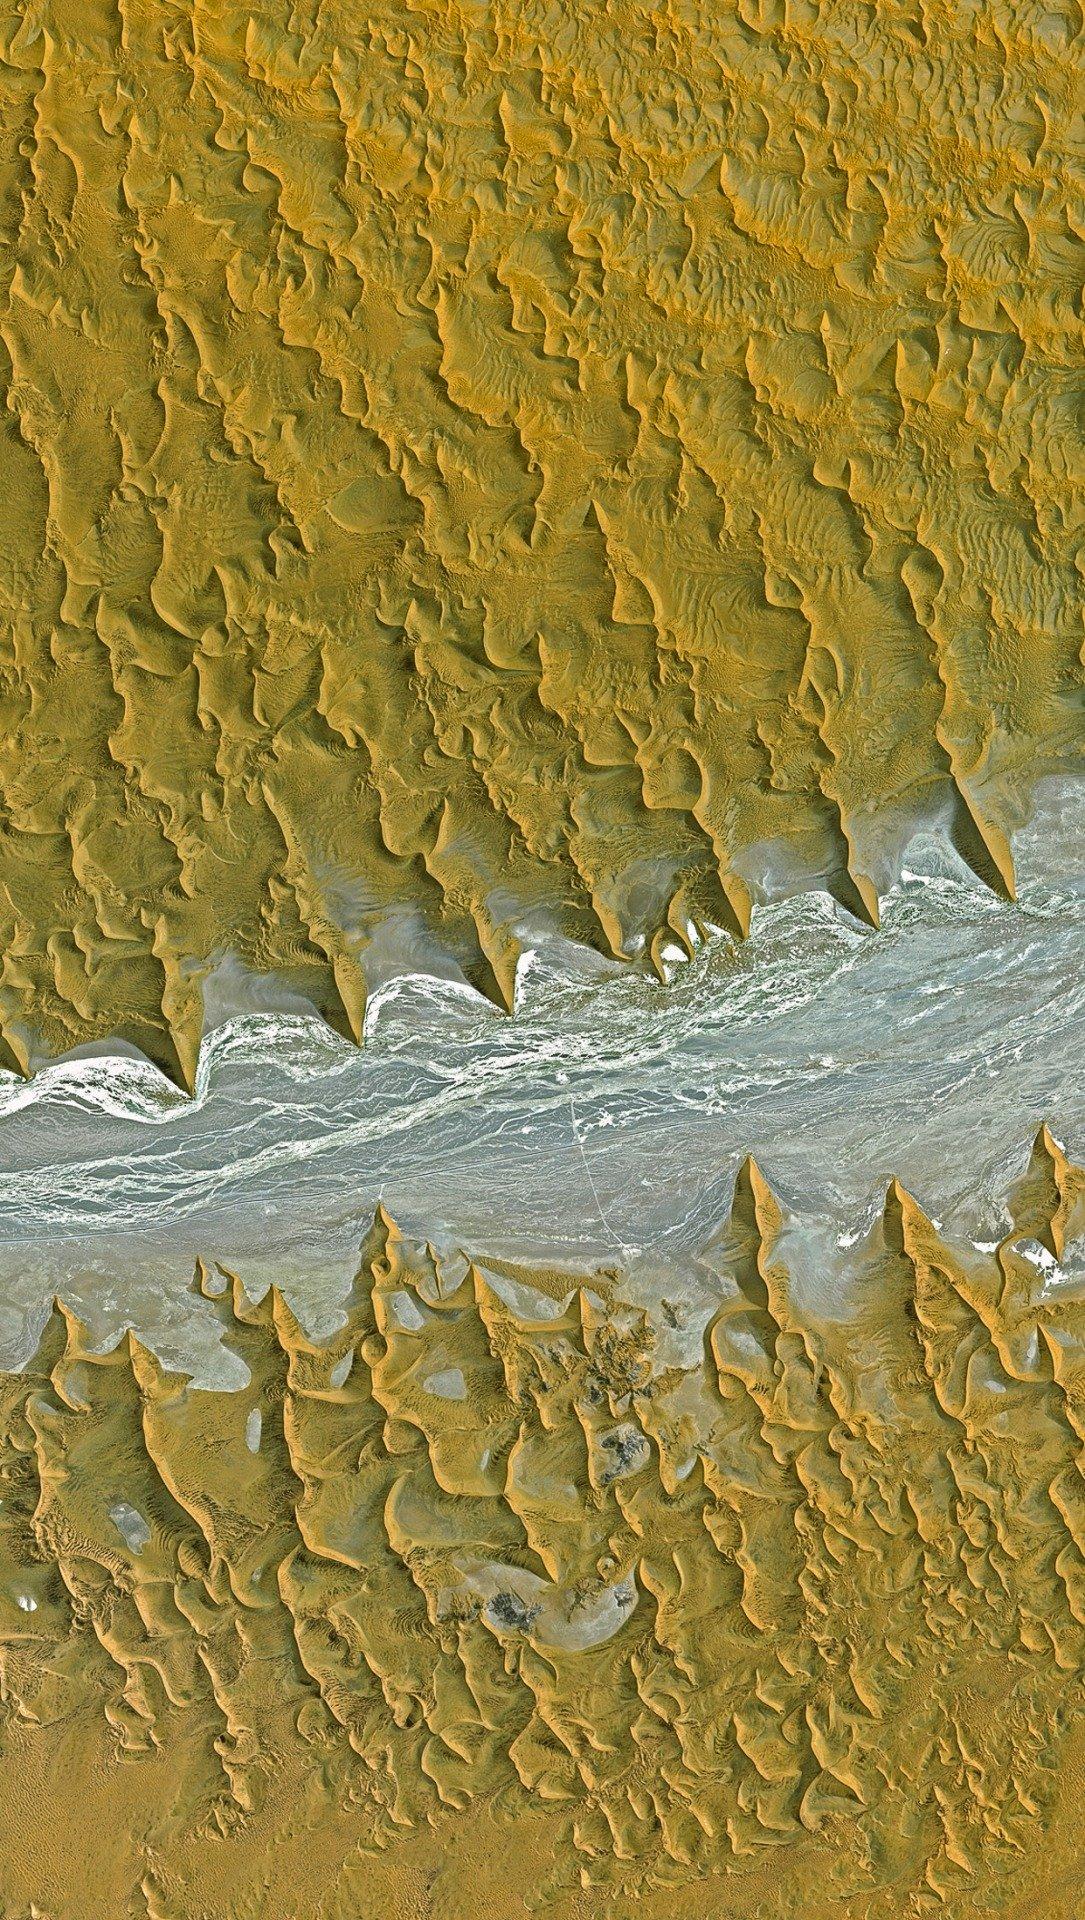 Фотографии Земли в качестве обоев для телефона - Изображение 6